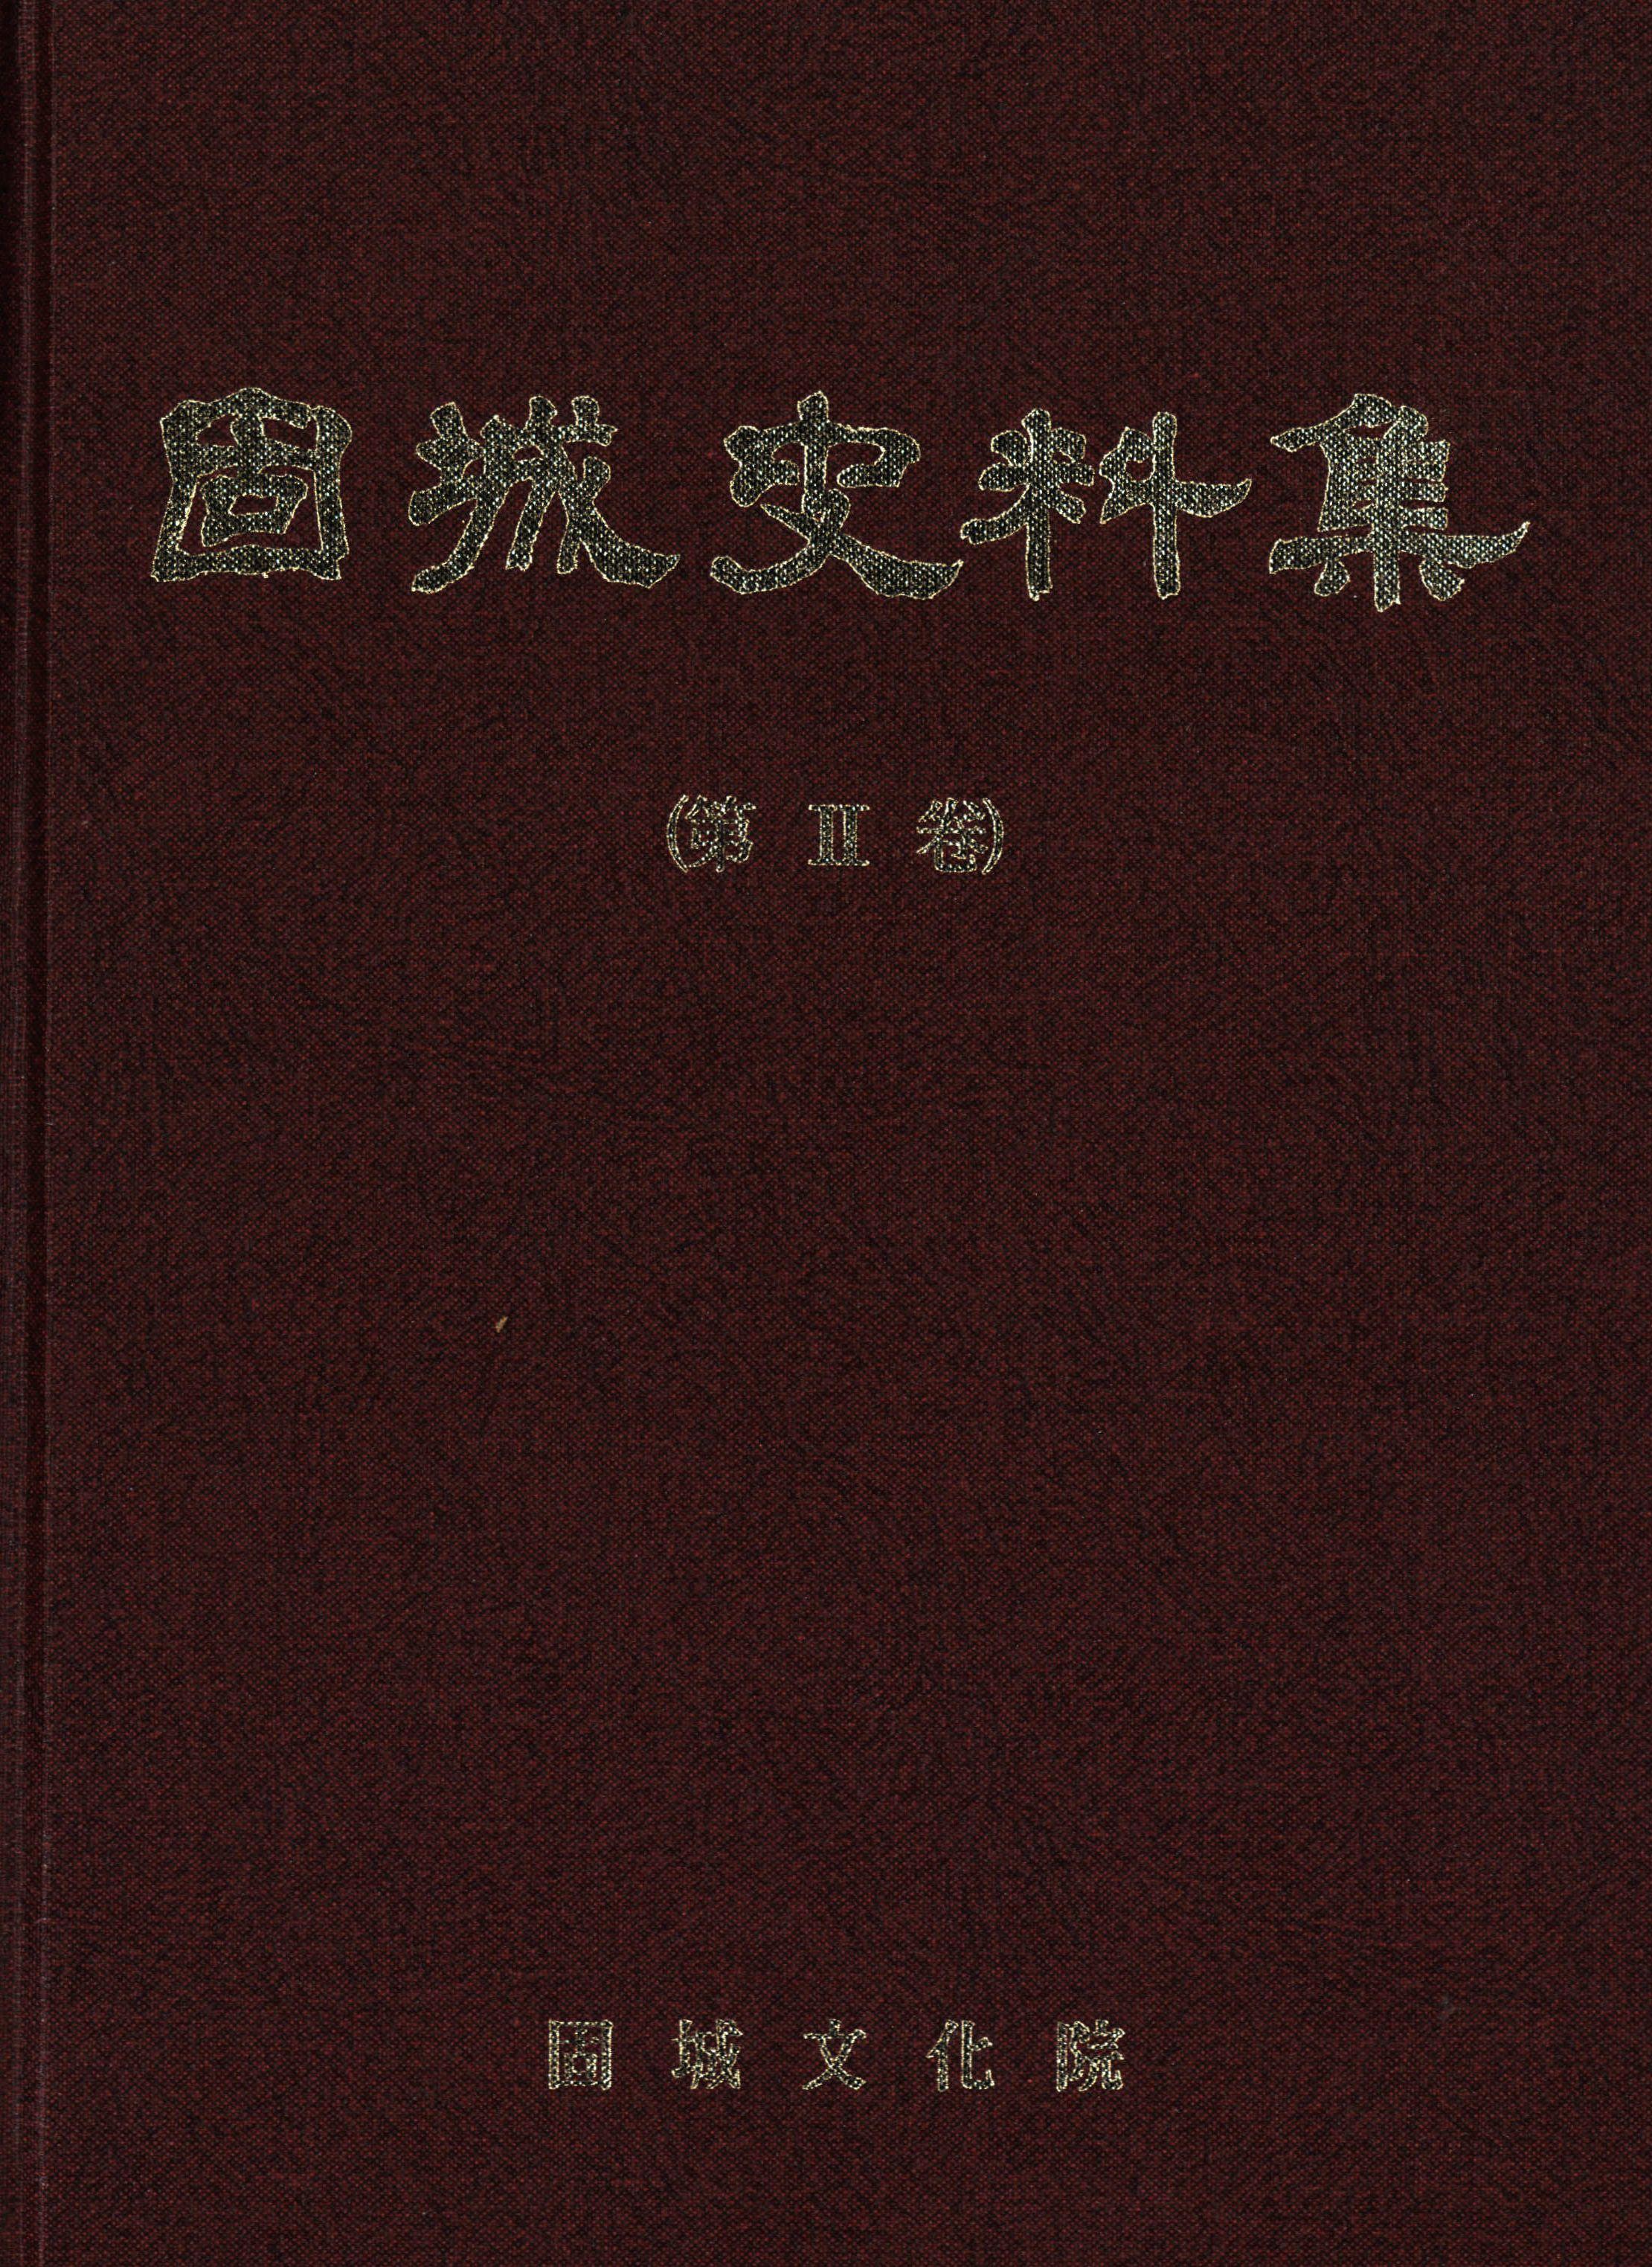 固城史料集 2권(고성사료집 2권)